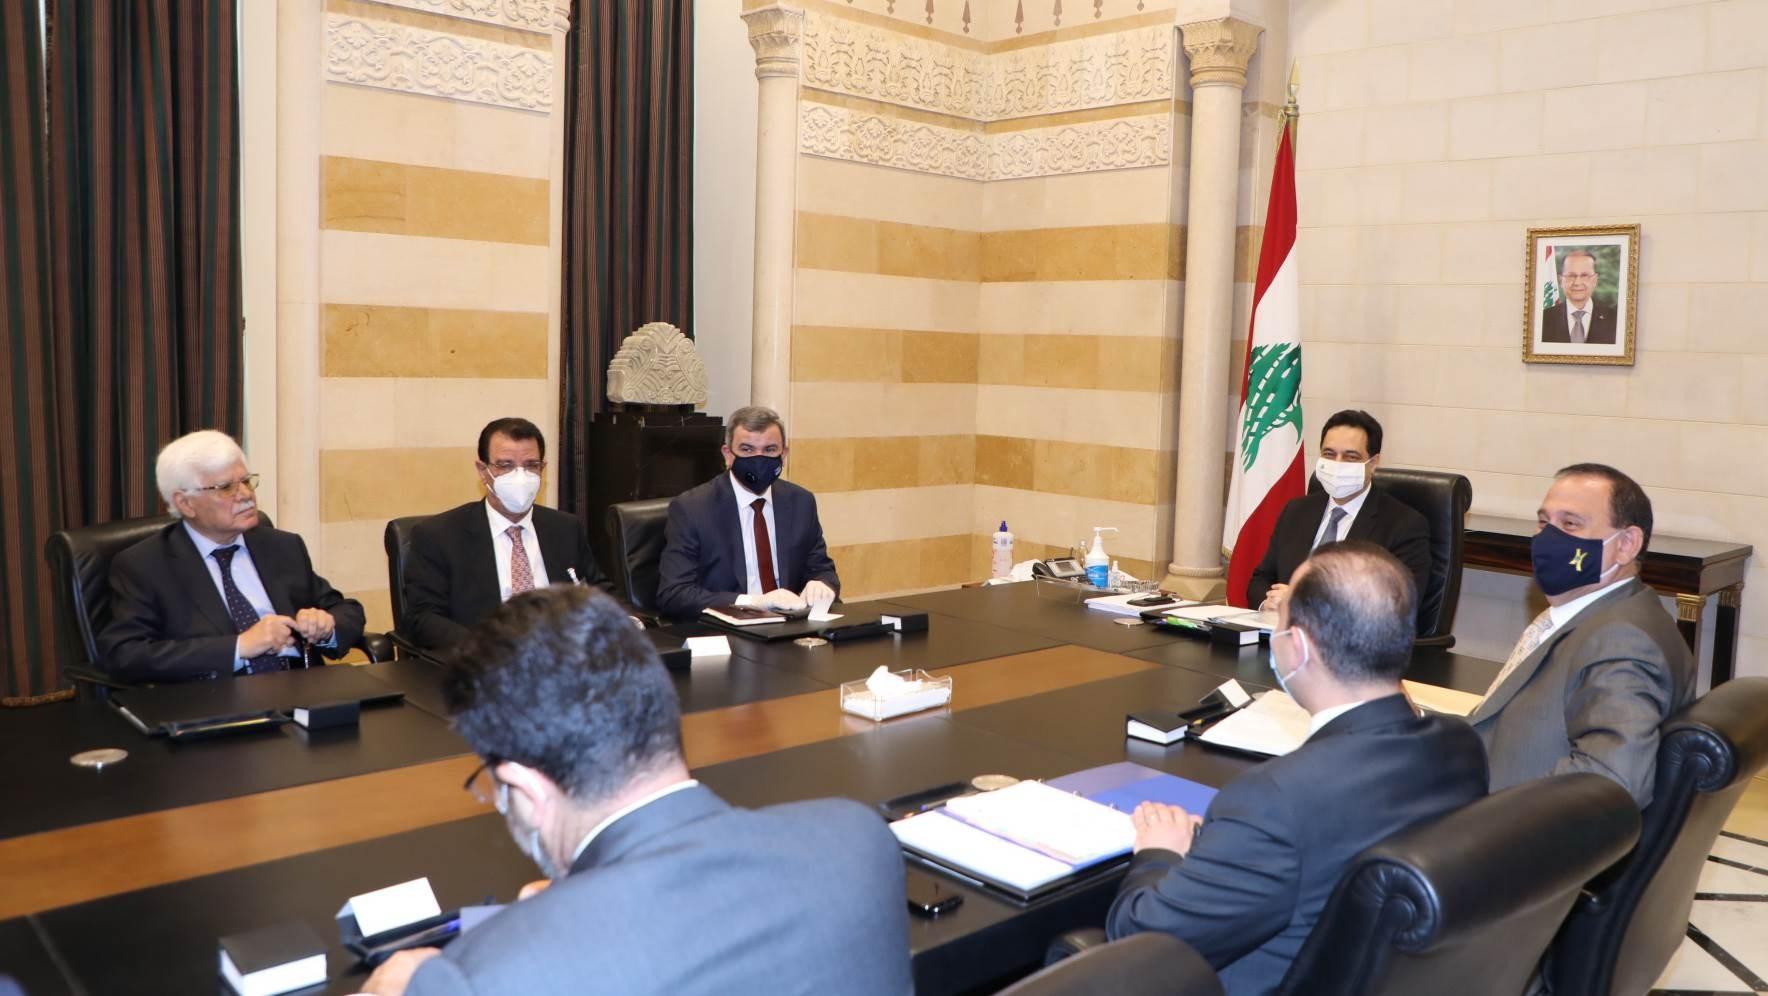 رئيس الحكومة اللبنانيّة حسان دياب مستقبلاً الوفد العراقي يوم الجمعة 3 تموز/يوليو 2020 (أ.ف.ب)